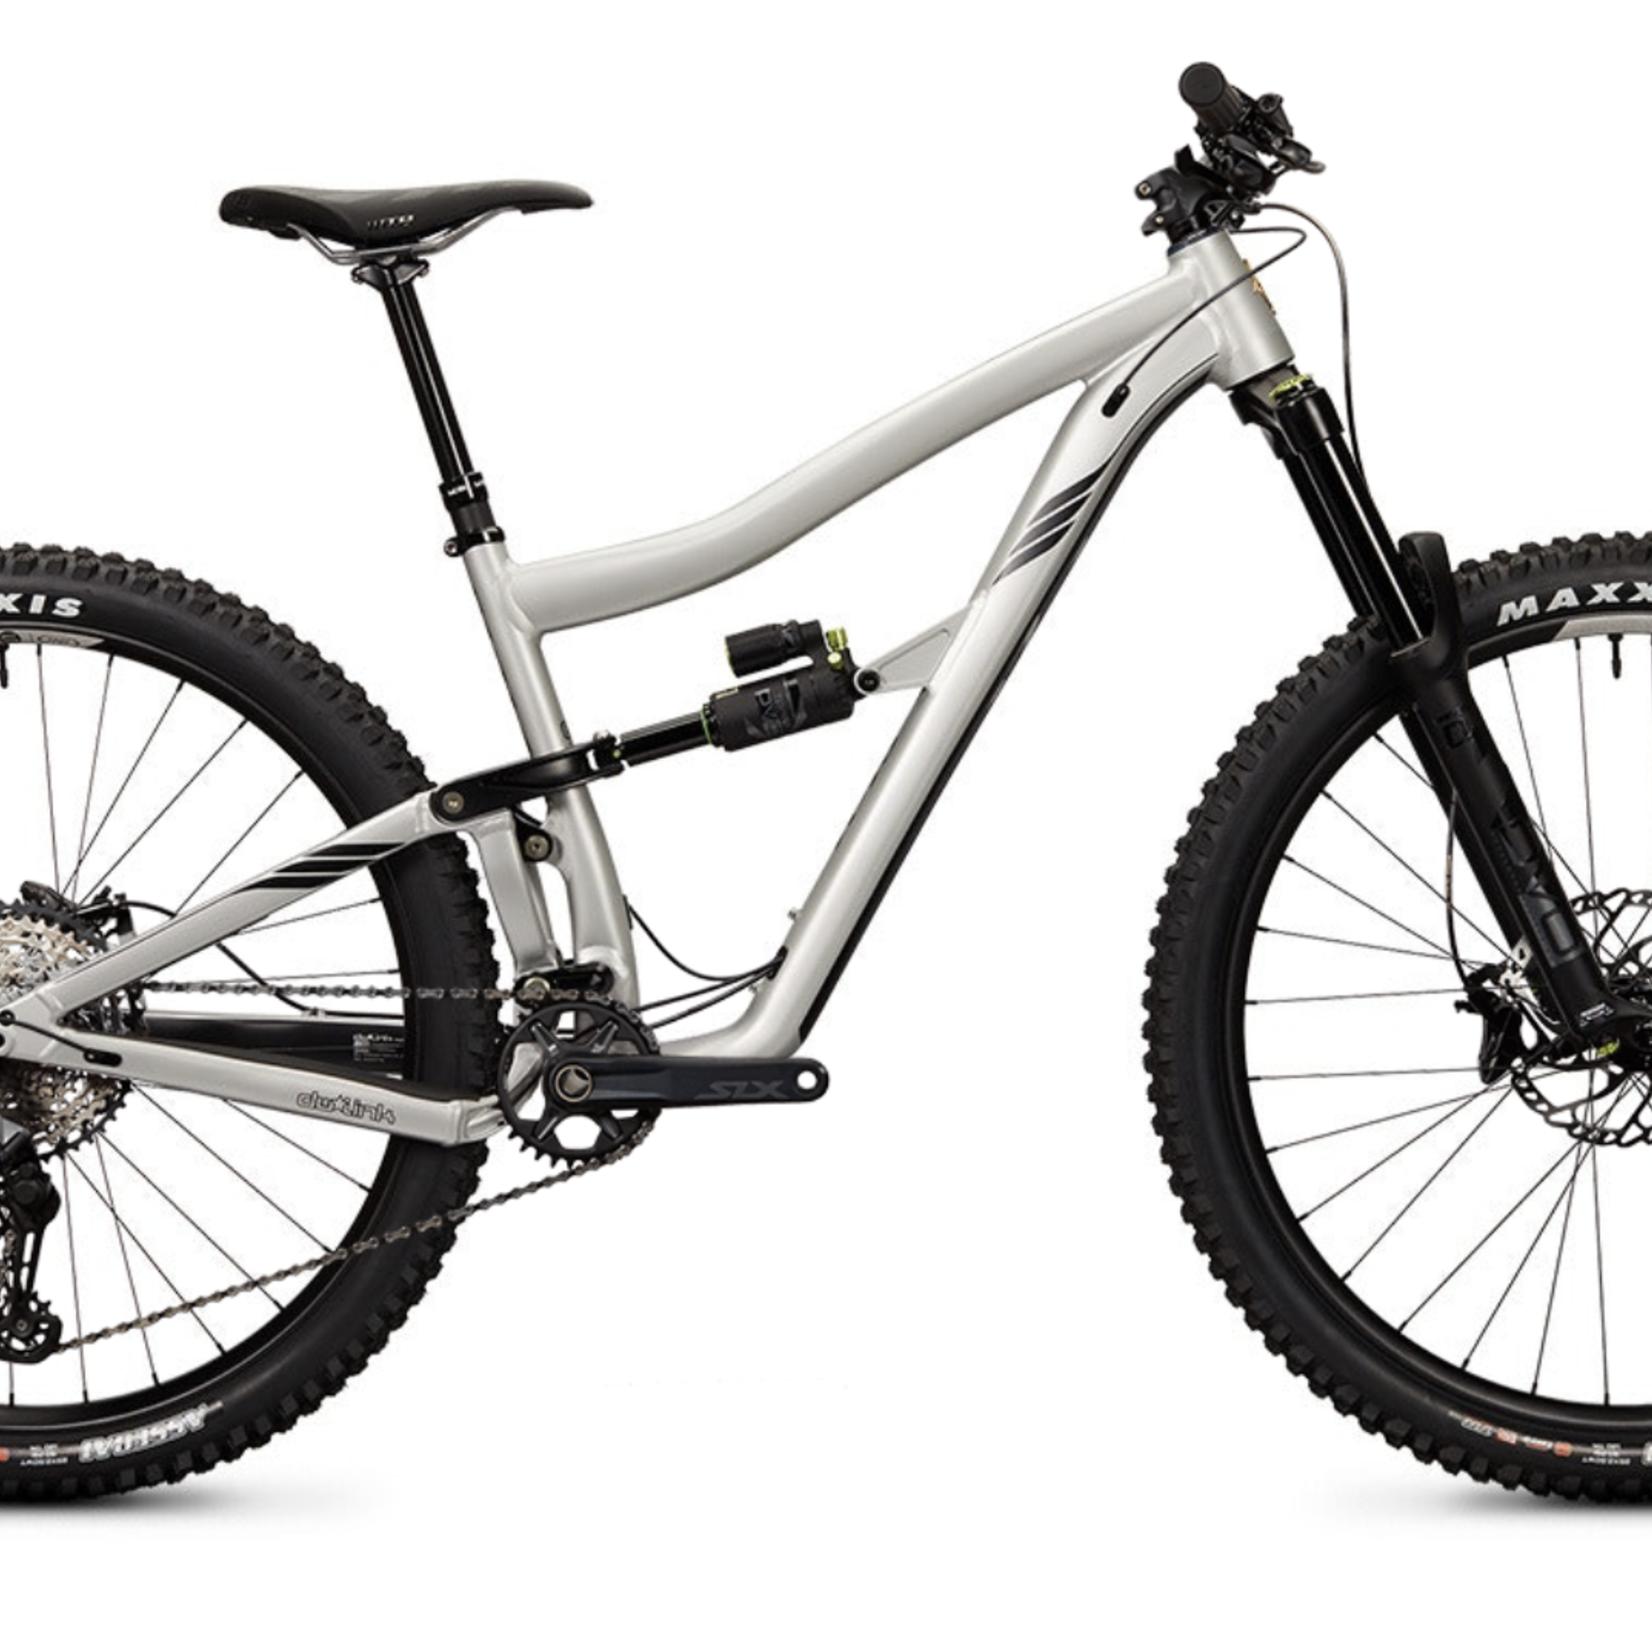 Ibis Bikes - Ibis Ripmo AF - Metal - Large - Deore